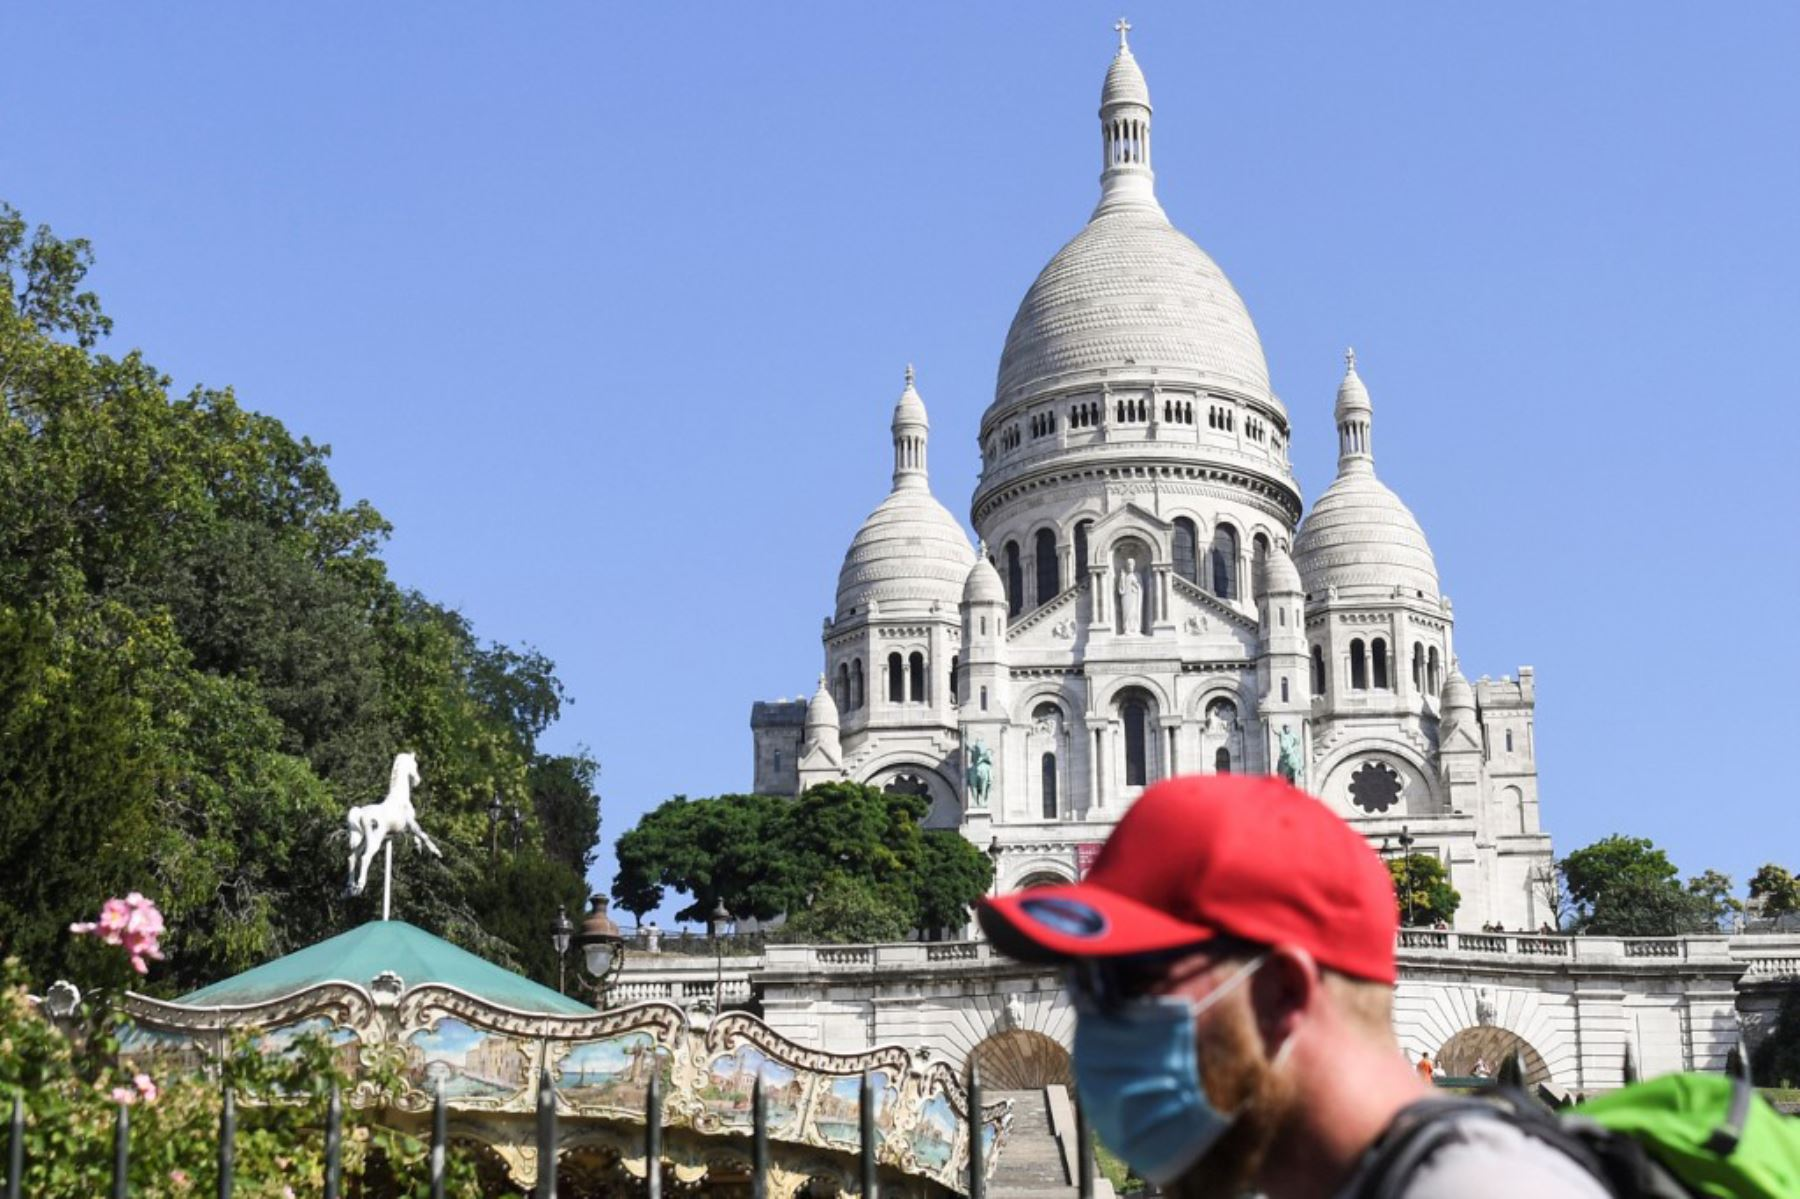 Un hombre con mascarilla protectora pasa por delante de la basílica del Sacre Coeur, en el barrio de Montmartre. Ell alcalde decidió hacer obligatoria la mascarilla en determinadas zonas de la ciudad para luchar contra el surgimiento de nuevos casos de infectados.  Foto: AFP